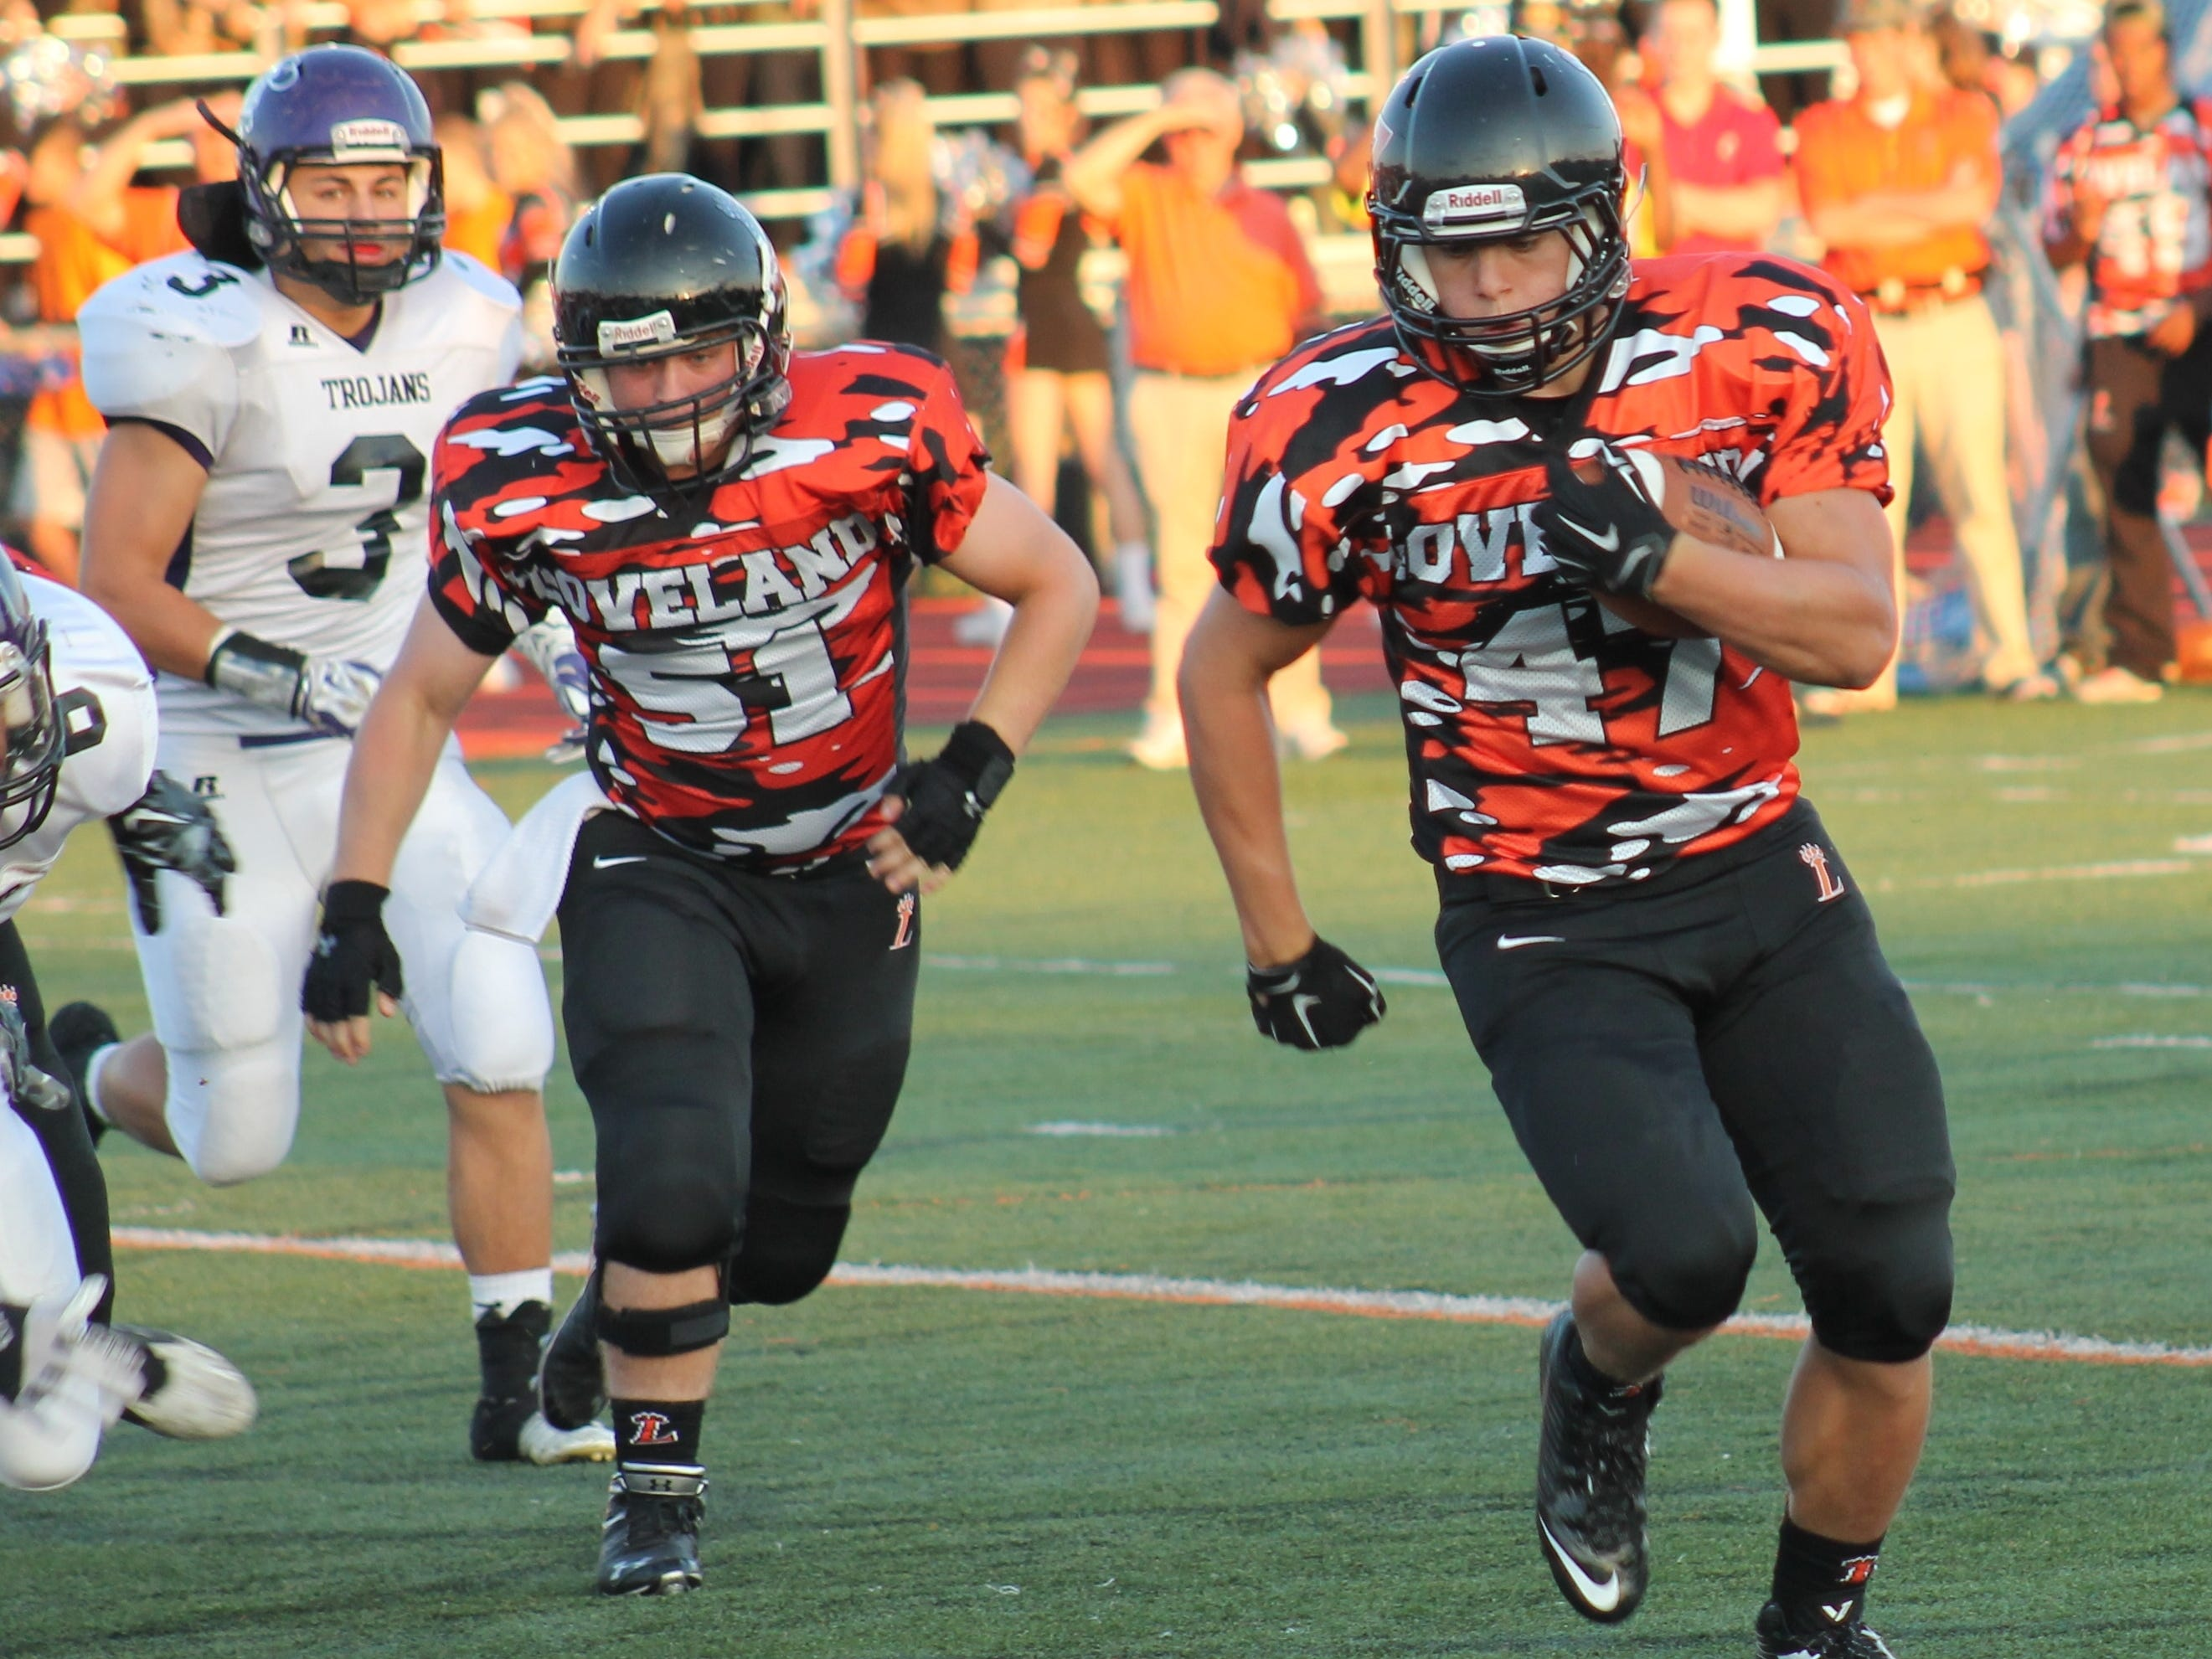 Loveland senior Nate Slagel rolls for a touchdown Sept. 18 against Glen Este in his final prep football game.